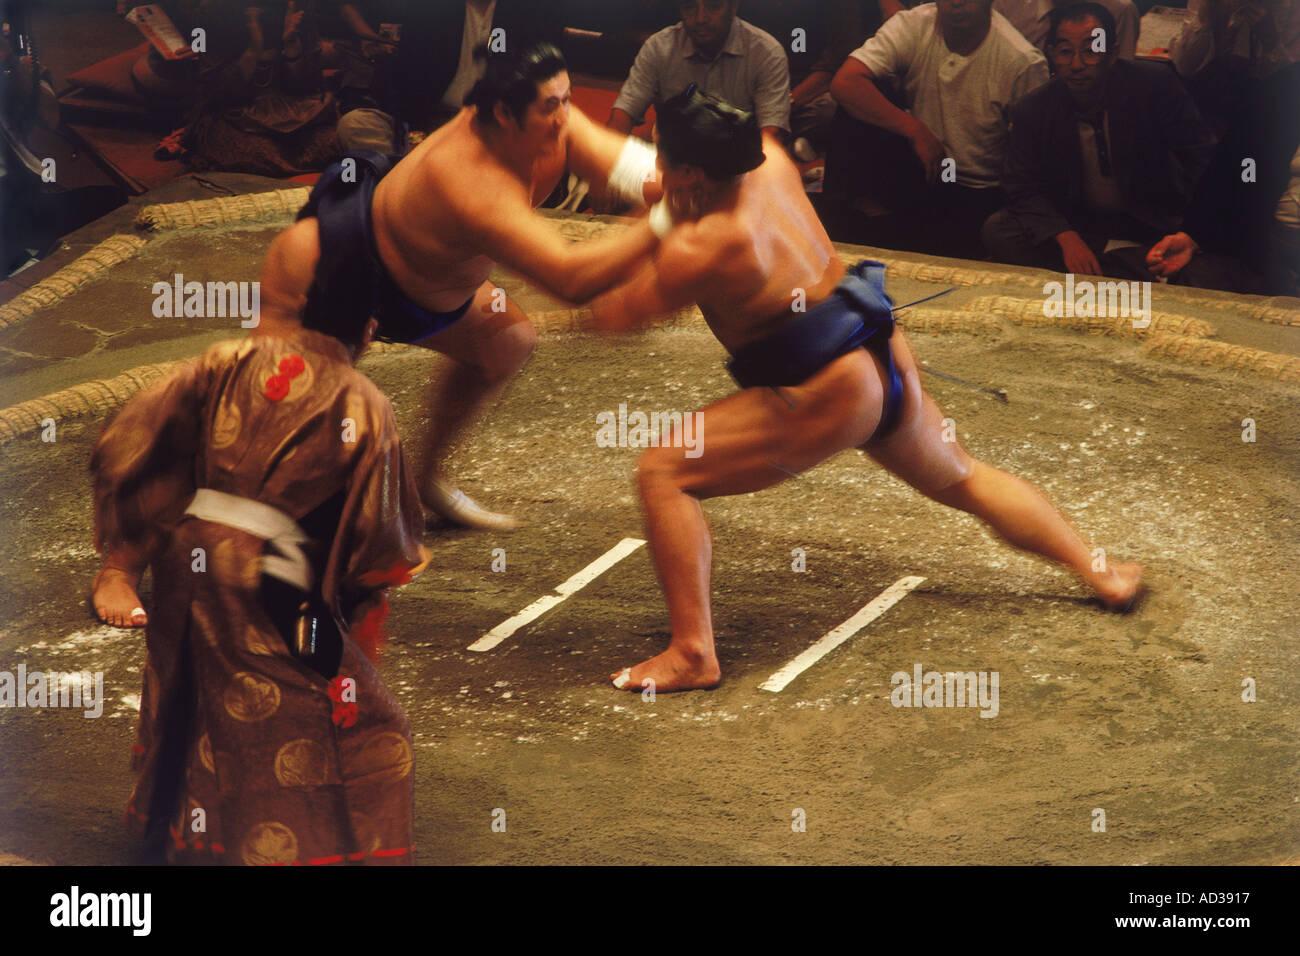 Lottatori di Sumo indossando mawashi o perizoma combattimenti in cerchio chiamato dohyo Immagini Stock